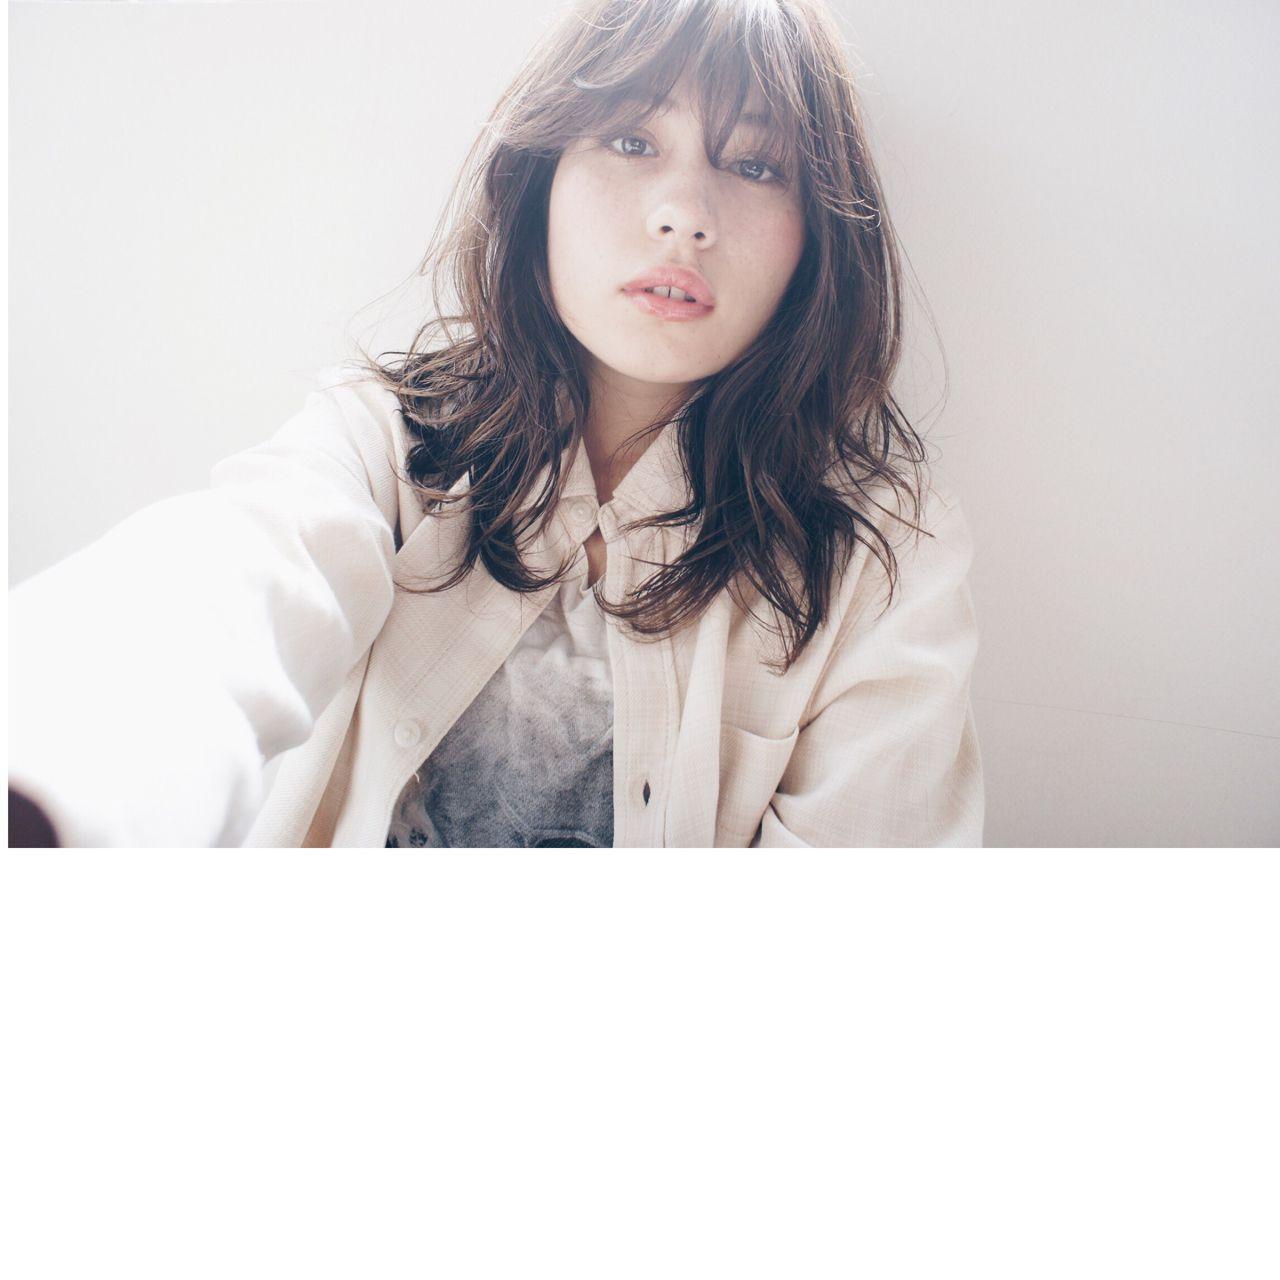 あなたならどれを選ぶ?春の前髪大特集☆ YAMASHITA / nanuk